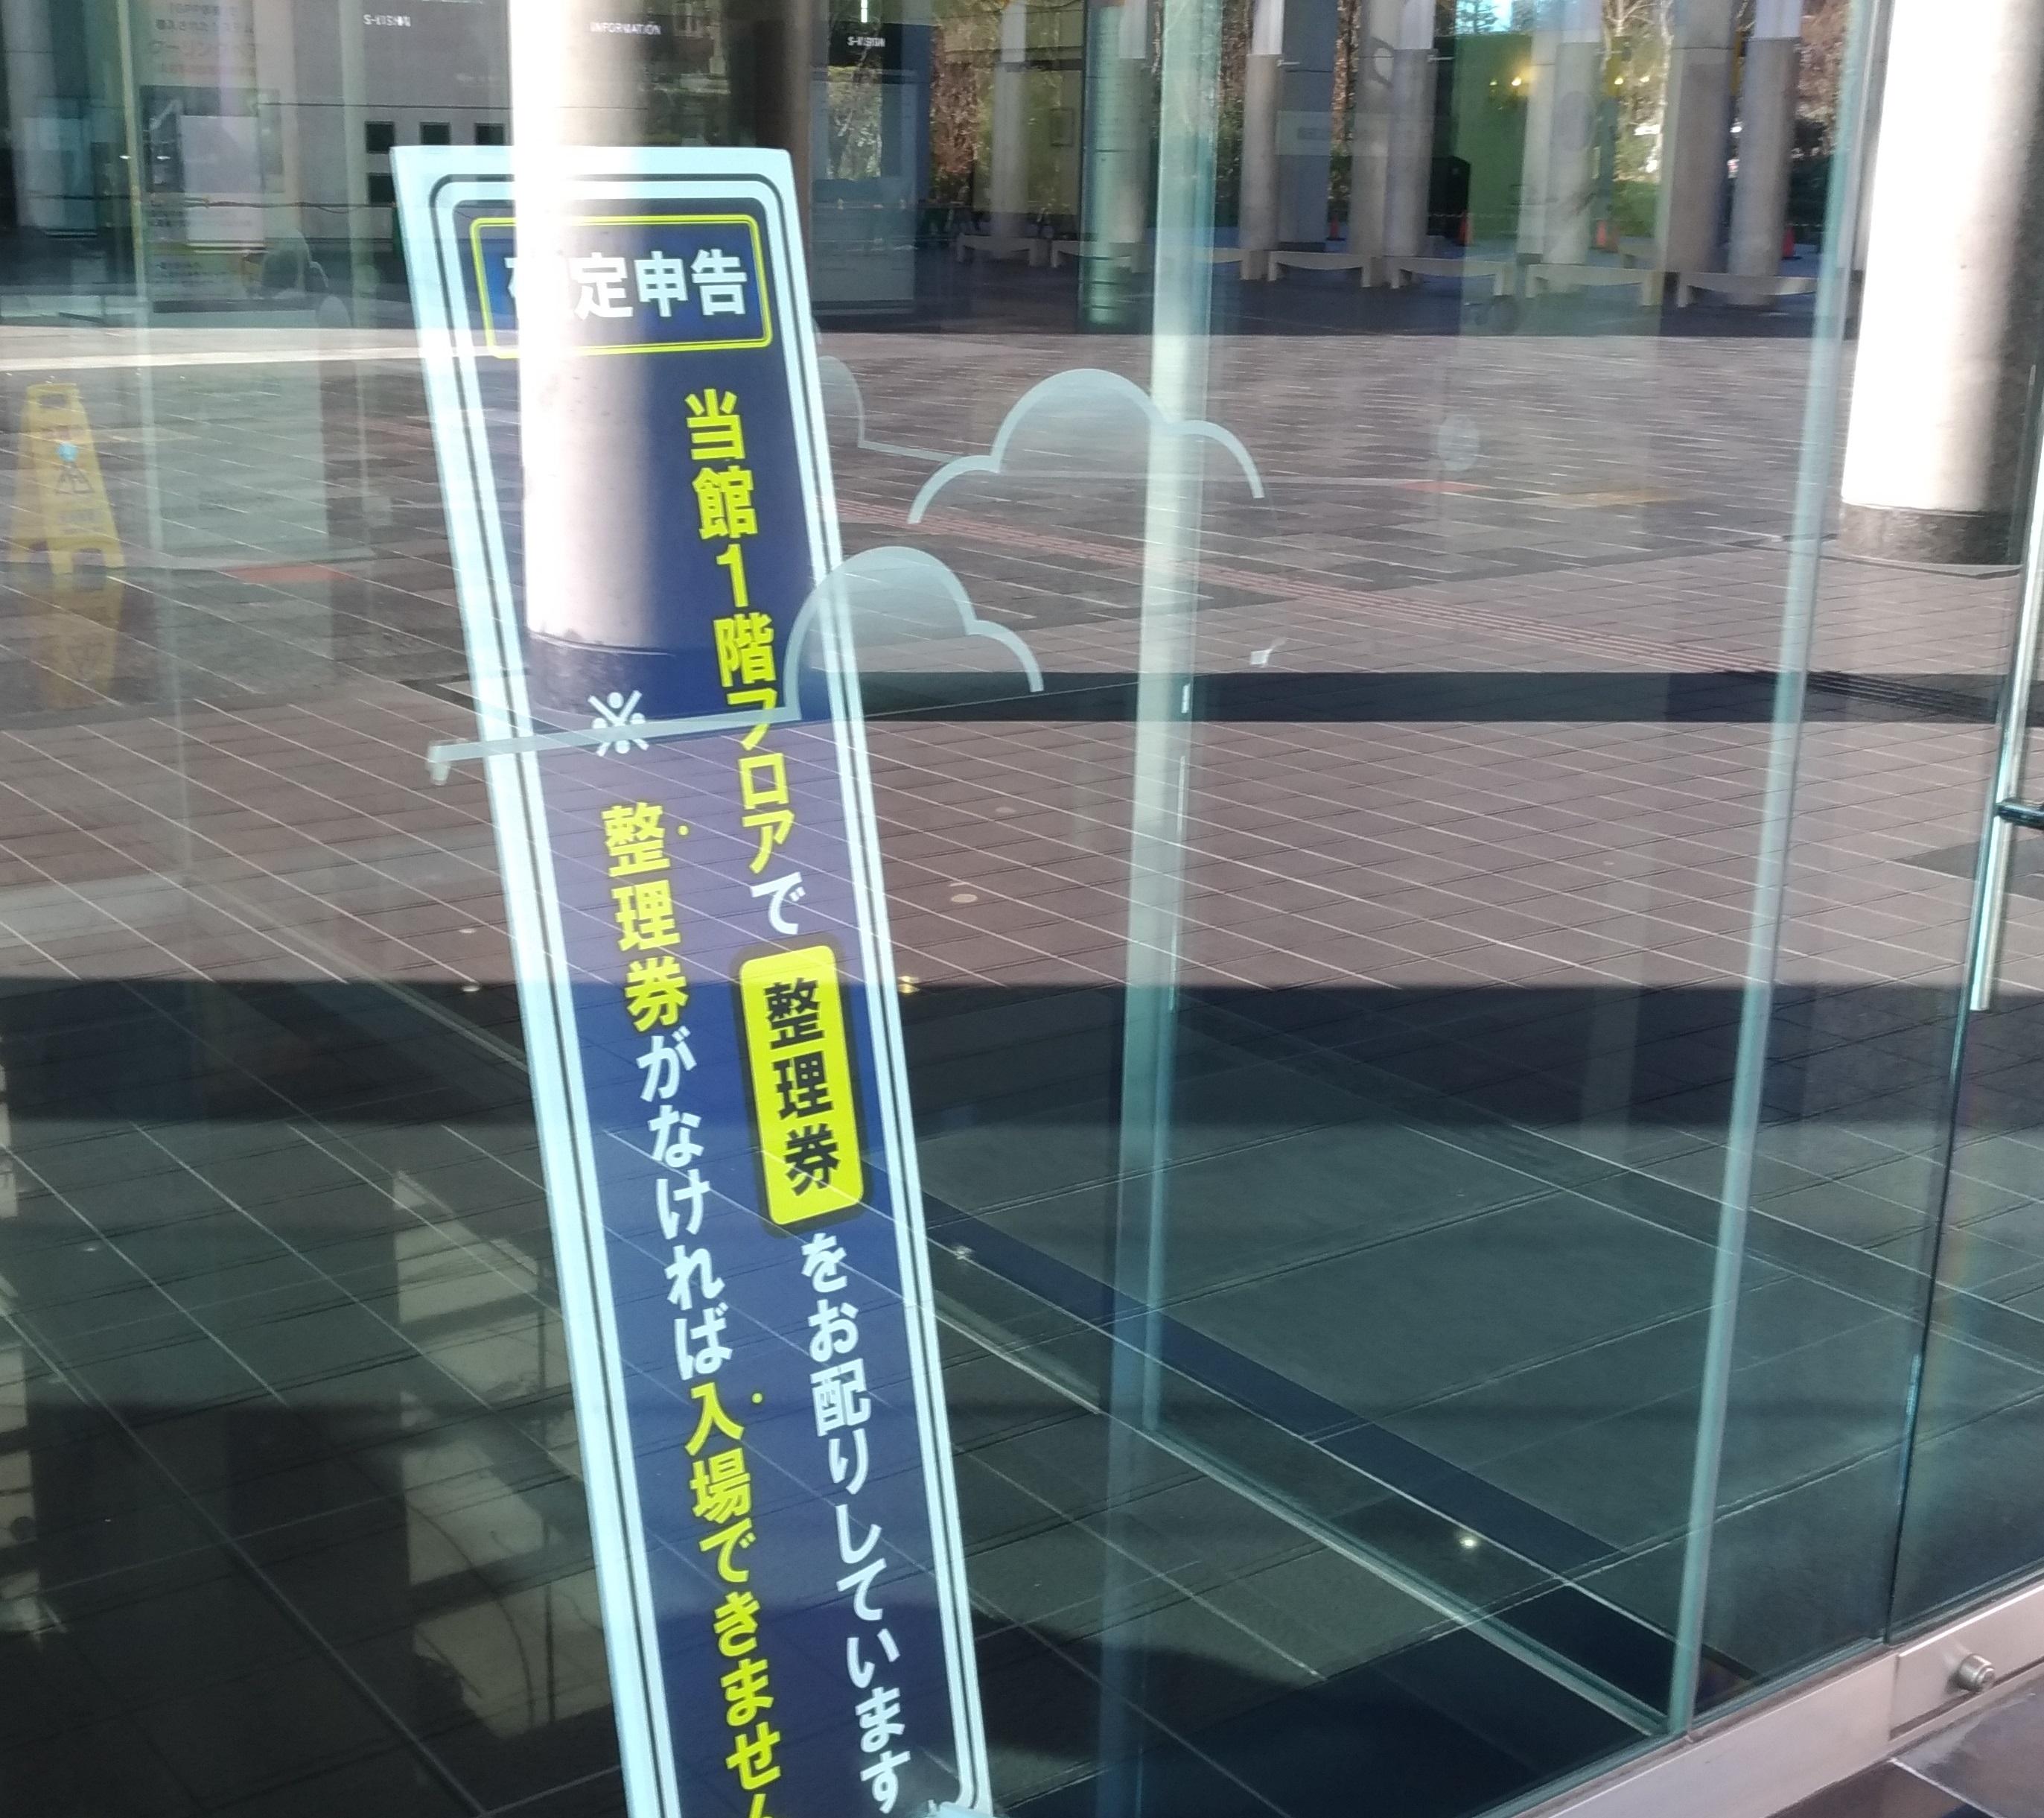 kakutei_shinkoku_osaka_umeda_2020_5.jpg